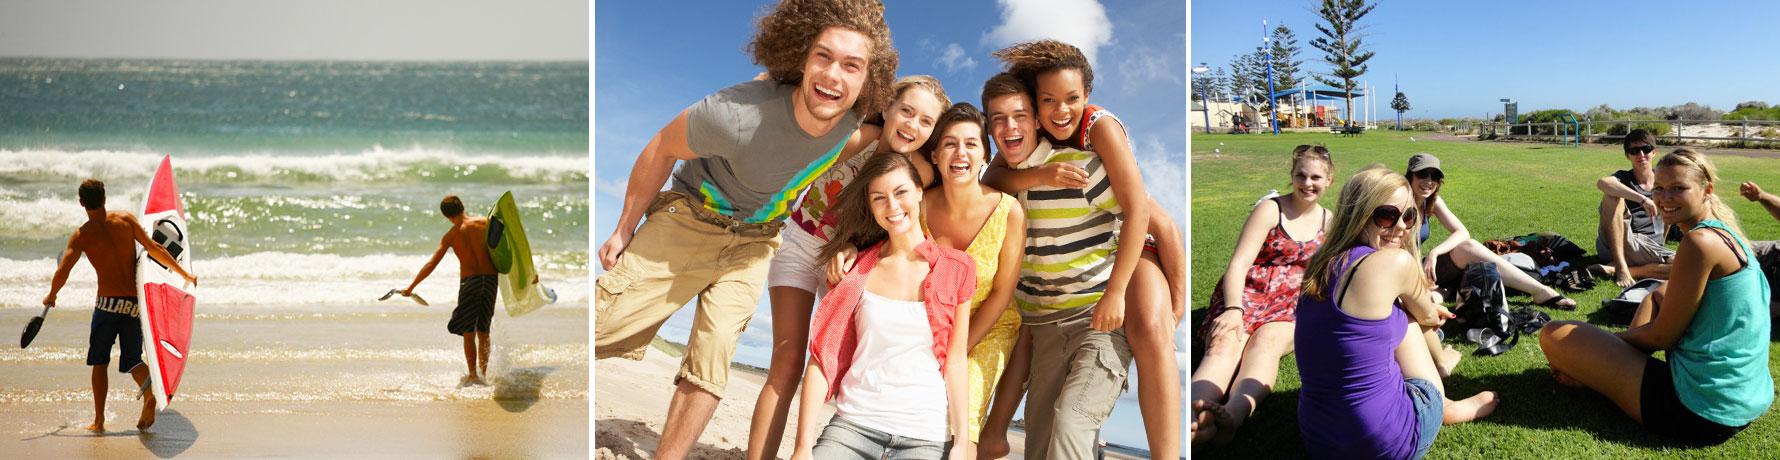 Séjour linguistique pour adolescents : la solution pour améliorer votre niveau